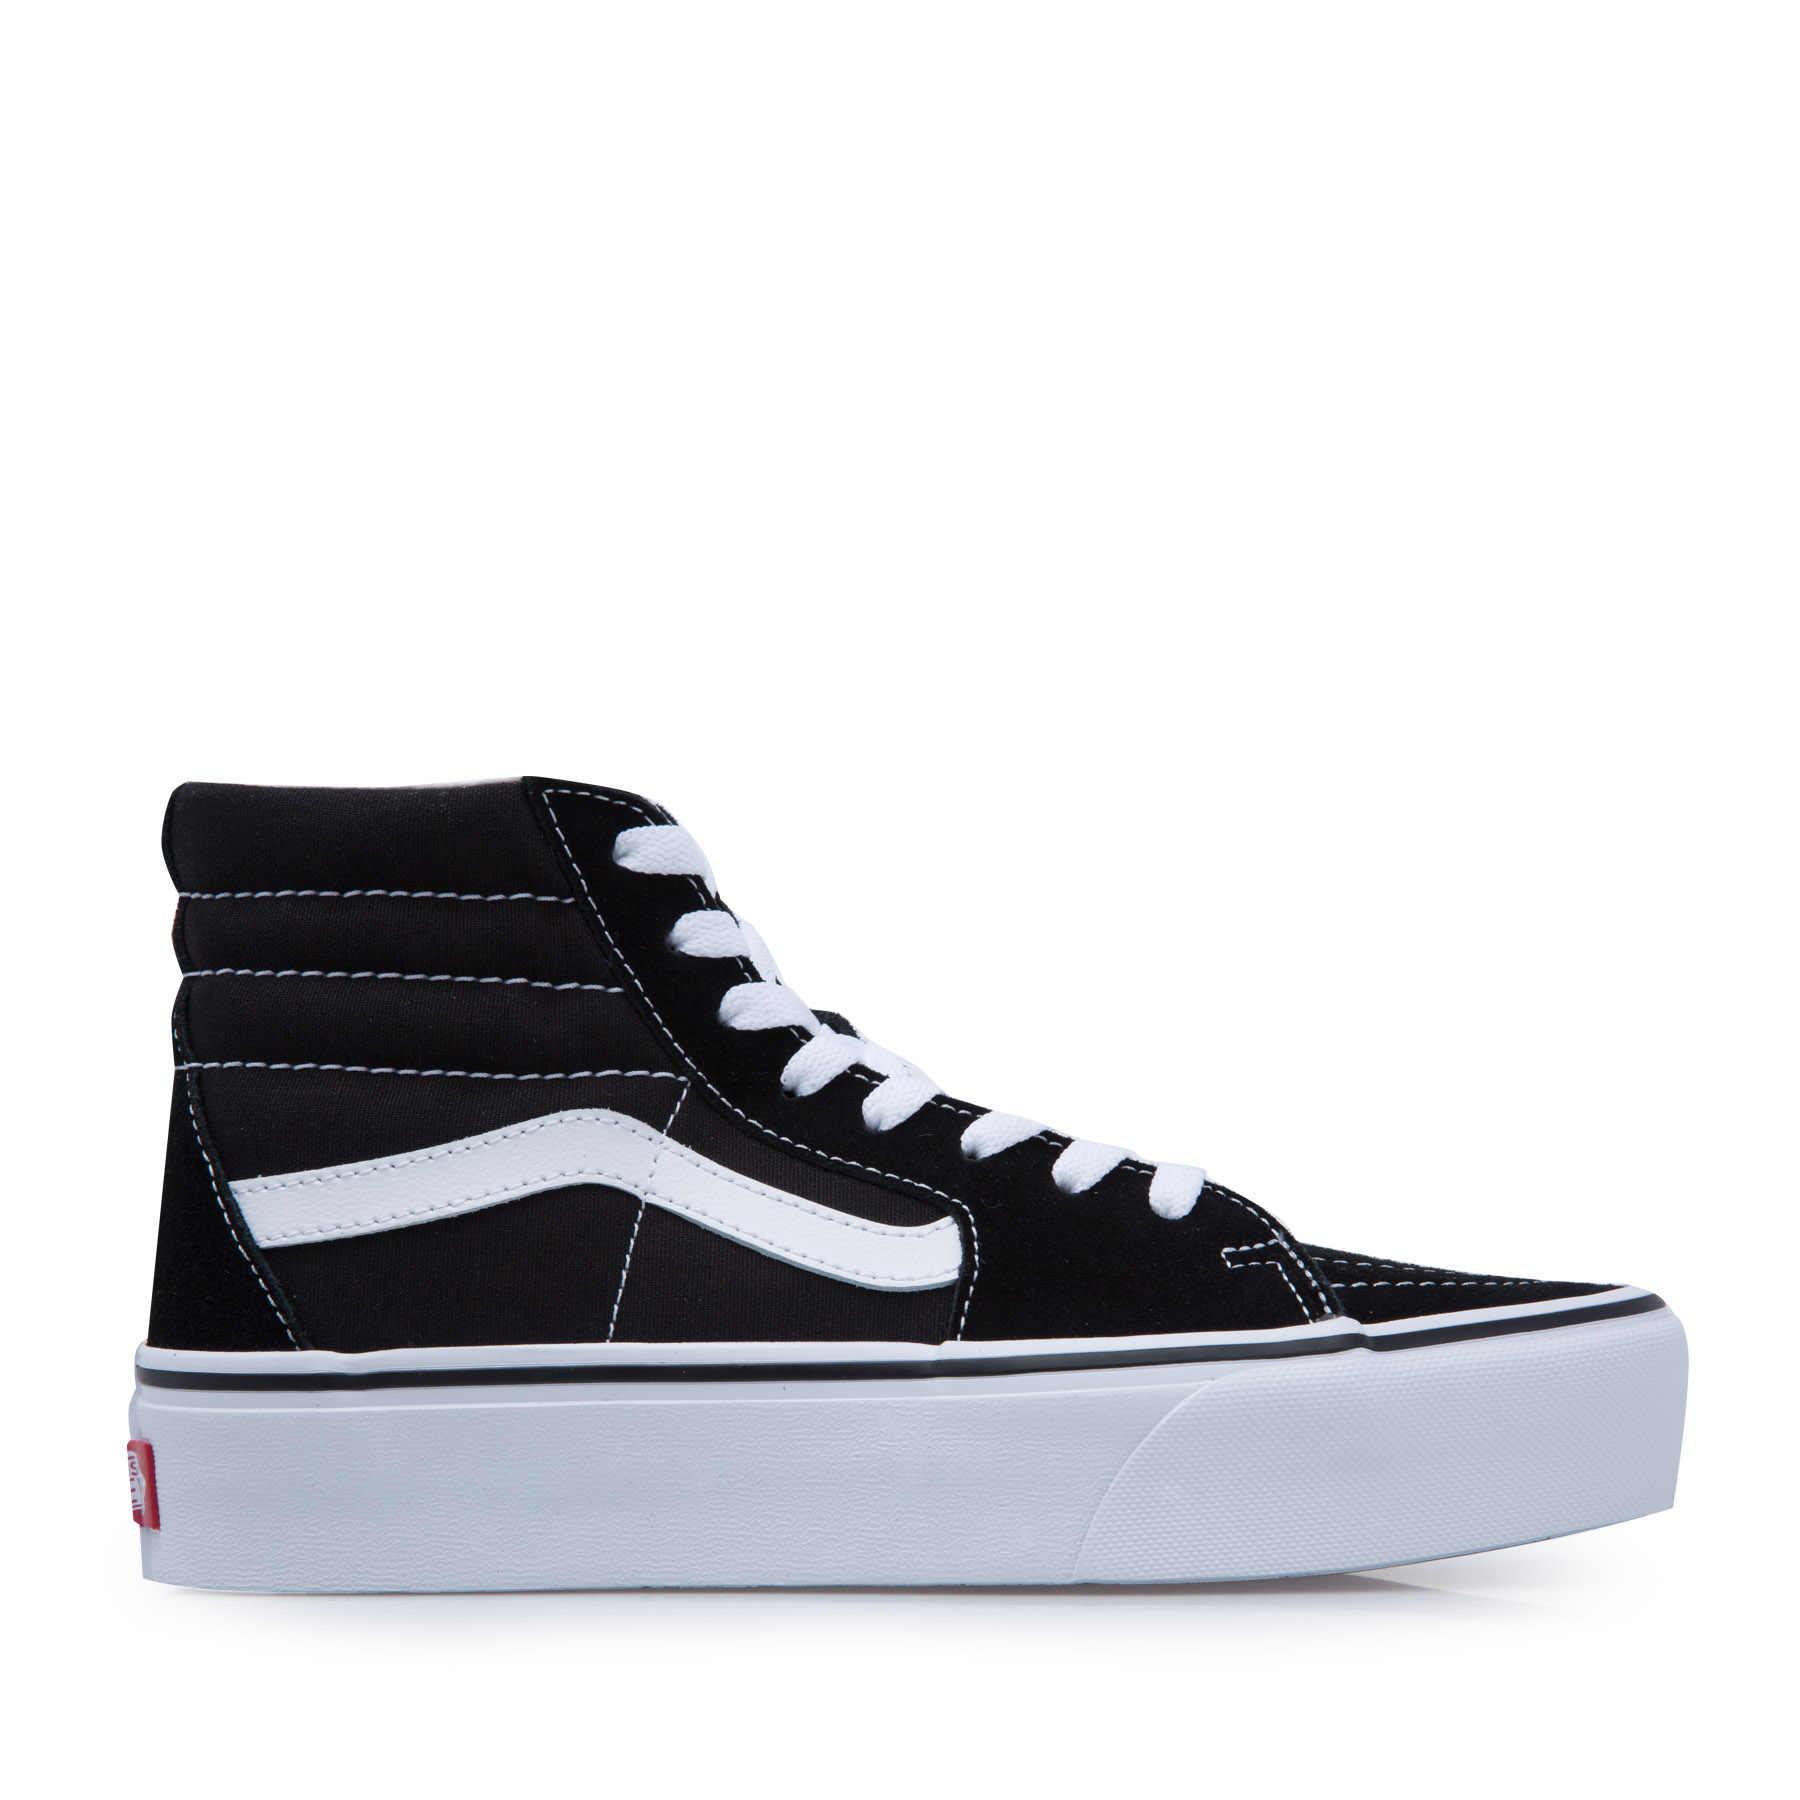 vans noir chaussure femme